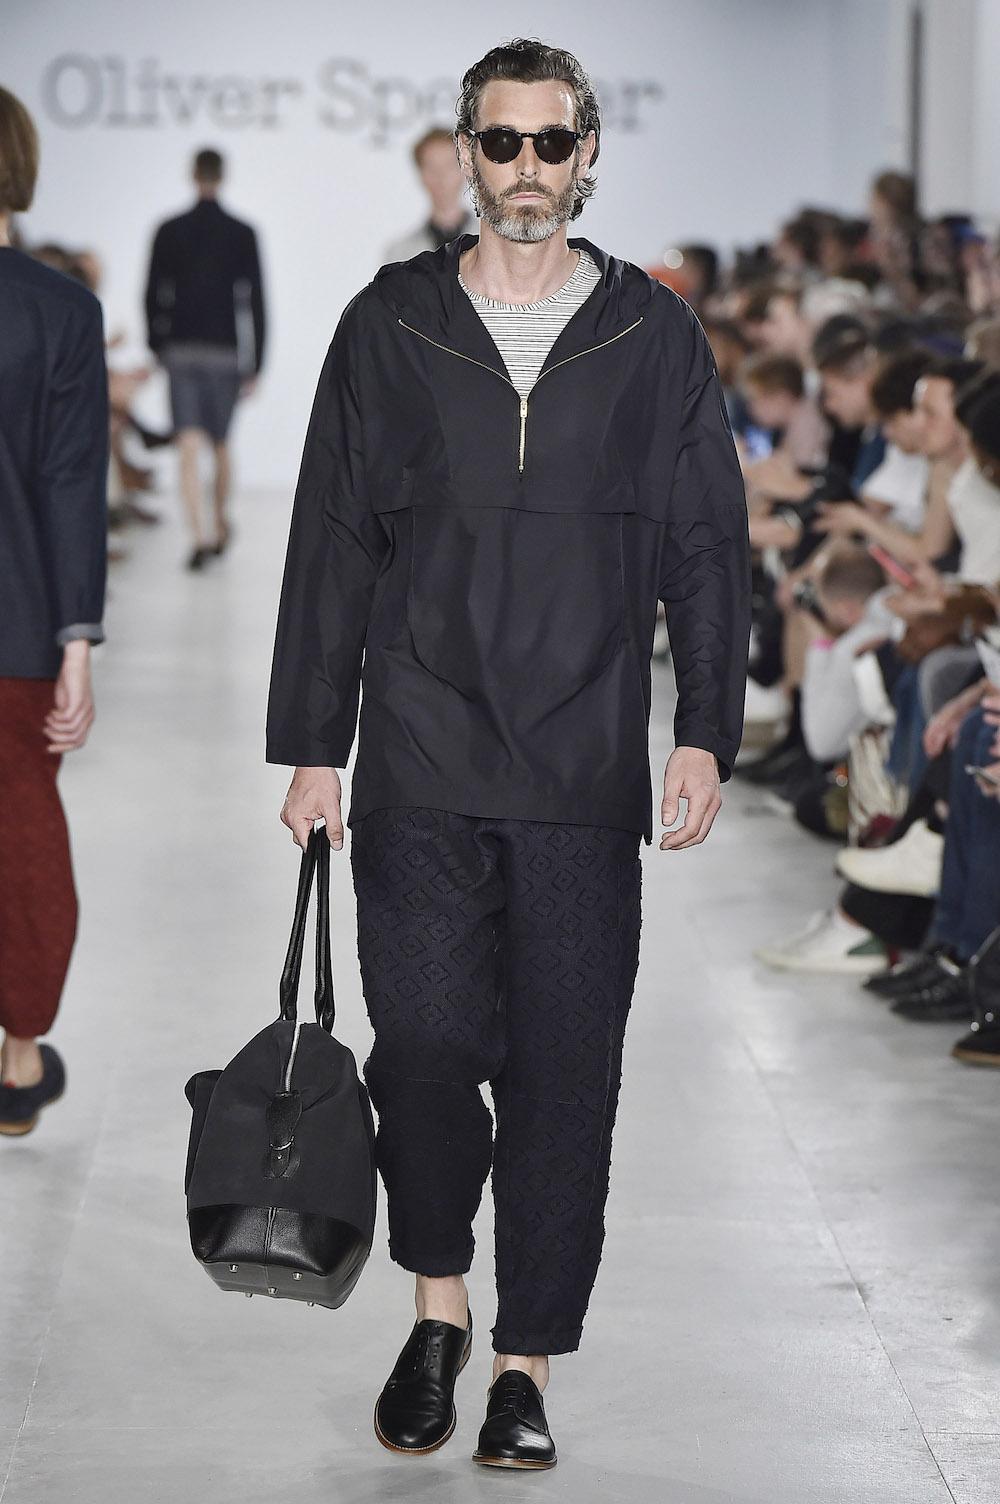 Défilé Oliver Spencer printemps-été 2017, Fashion Week Homme - Londres